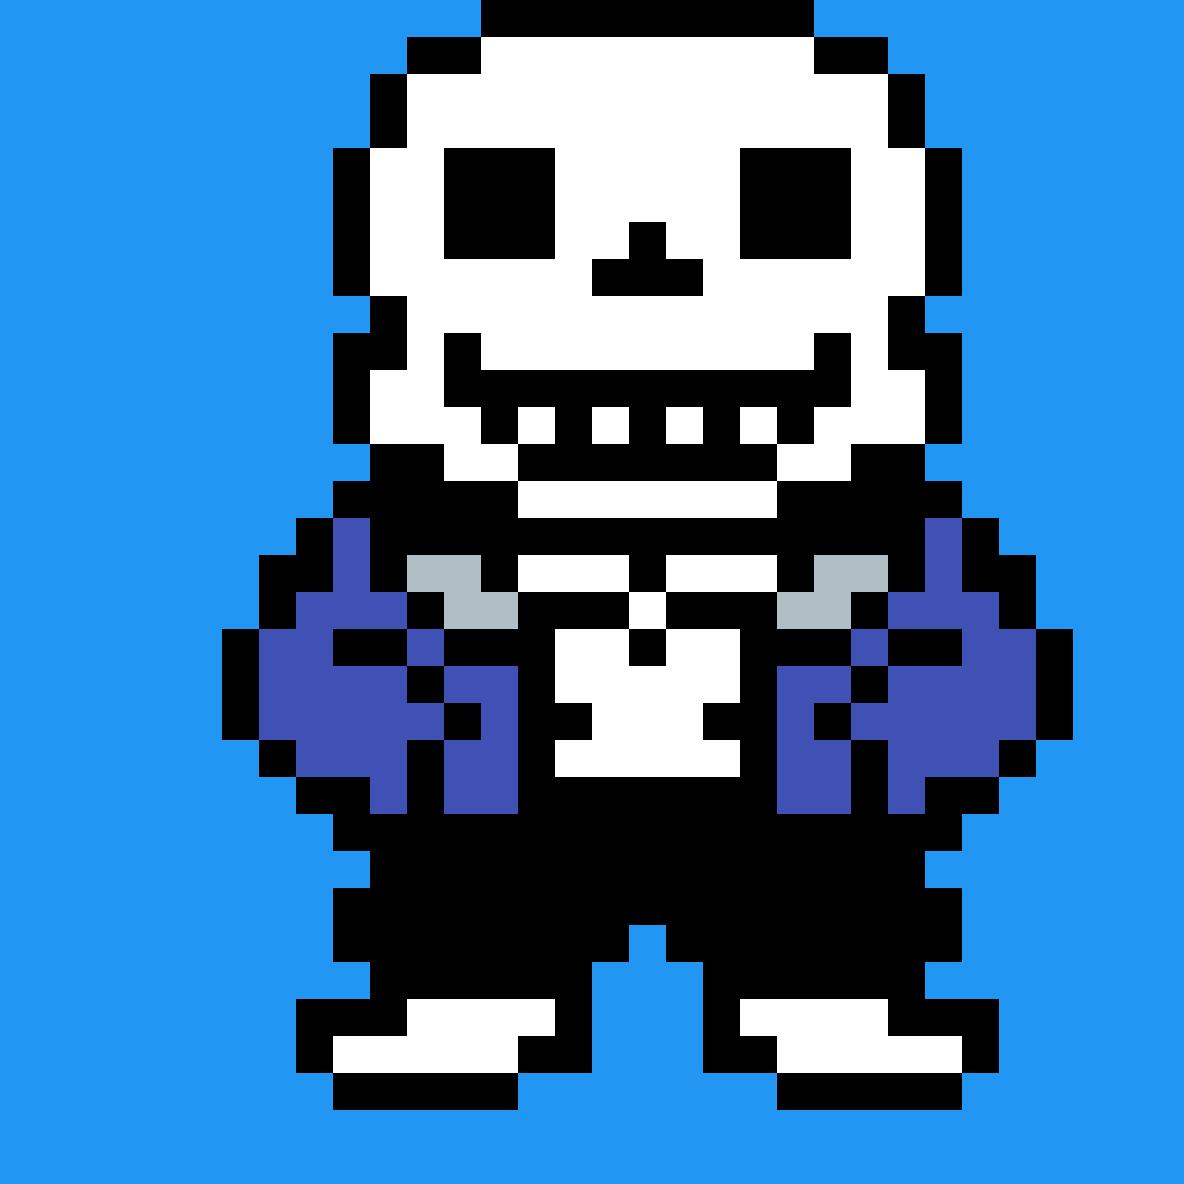 main-image-Sans 8-bit sprite  by Toastkid-Games